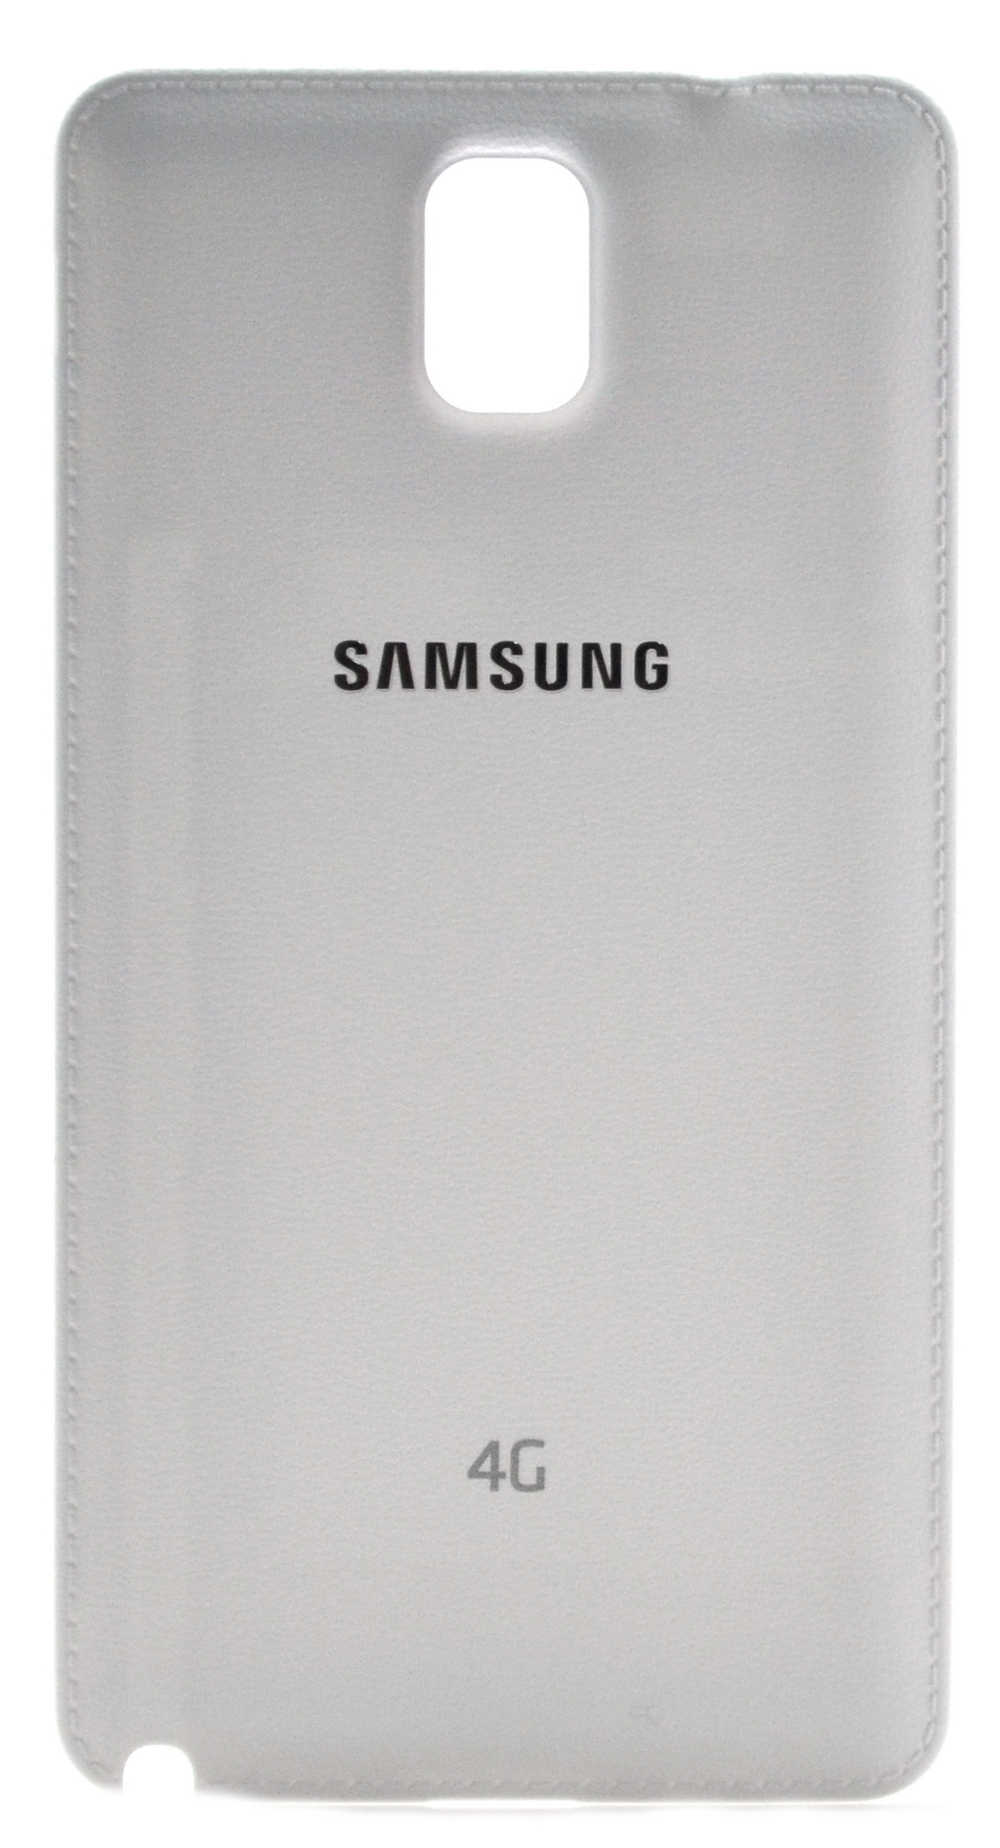 Καπάκι Μπαταρίας Samsung N9005 Galaxy Note 3 ( Note III ) Λευκό 4G Original GH98-29605B